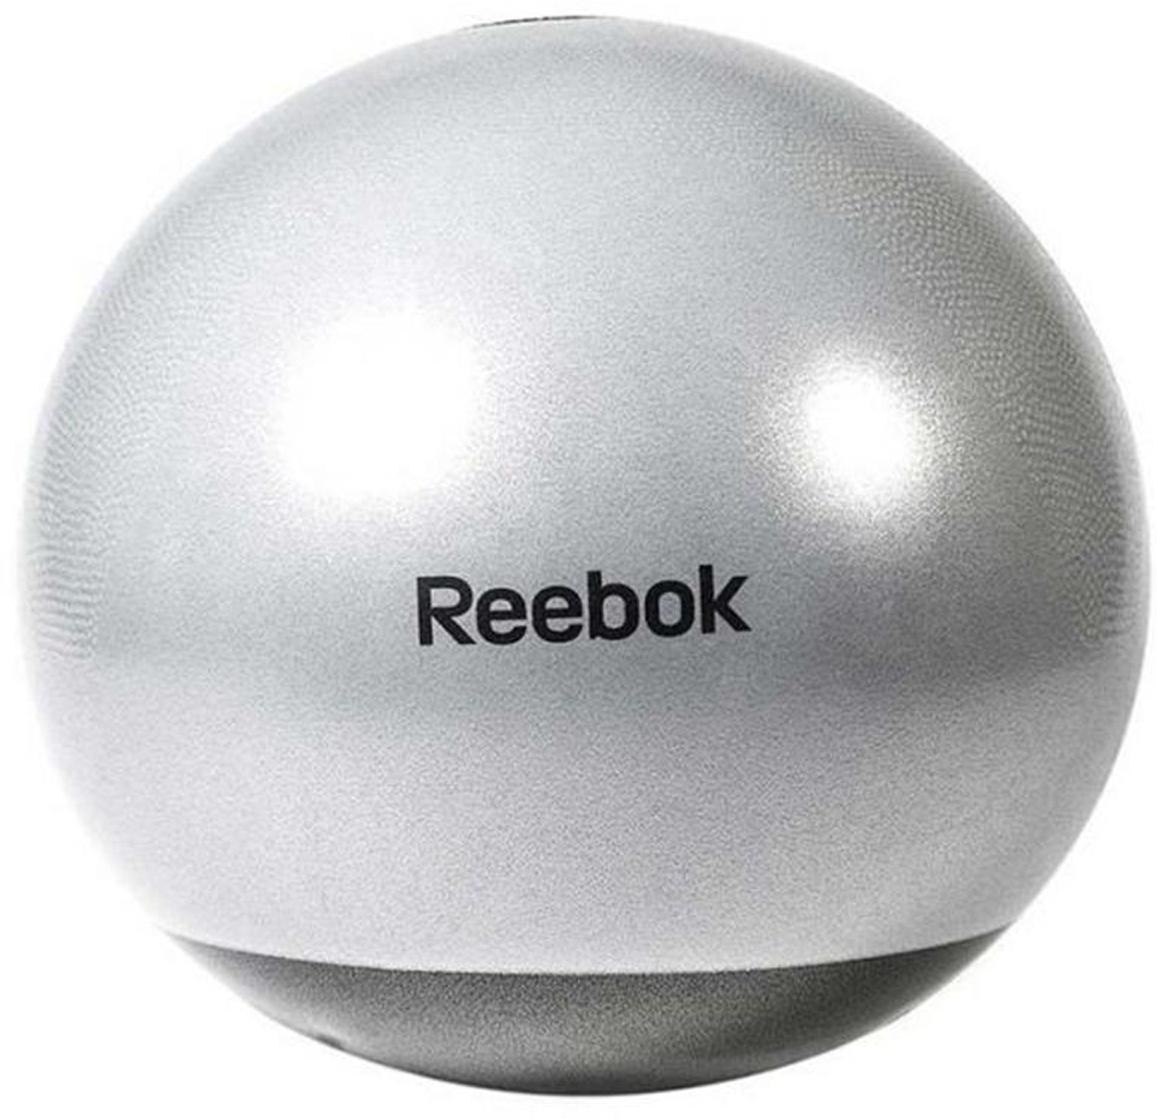 Мяч гимнастический Reebok, ативзрыв, с насосом и DVD, цвет: серый, диаметр 75 смRAB-40017GRСерый гимнастический мяч Reebok диаметром 75 см произведен из резины высокой плотности, что обеспечивает долговечность, и подходит для людей ростом 188 см и выше. При подборе правильного диаметра нужно придерживаться правила 90 градусов (когда обе стопы стоят на полу, а колени расположены чуть ниже таза таким образом, что угол между голенью и бедром составляет 90 градусов), тогда вы выберете гимнастический мяч идеального размера. Необходимо также заметить, что рост не является единственным критерием выбора диаметра мяча. Создающий поддержку в упражнениях на пресс, тренировке трицепсов, планке и упражнениях на баланс, серый гимнастический мяч с утяжеленным основанием изготовлен по противовзрывной технологии: это означает, что если в мяче образуется прокол, он медленно и безопасно сдуется, и вы избежите каких-либо травм. Помимо этого, мяч из двухслойной резины со слегка утяжеленным основанием более сбалансирован и не укатывается во время тренировок.Каждый гимнастический мяч Reebok поставляется с набором, включающим качественный долговечный насос и DVD с тренировками для корректного и эффективного начала занятий с мячом. Идеален для тренировок пресса, мышц кора, баланса, и общего фитнеса.В комплекте насос и DVD с тренировками.